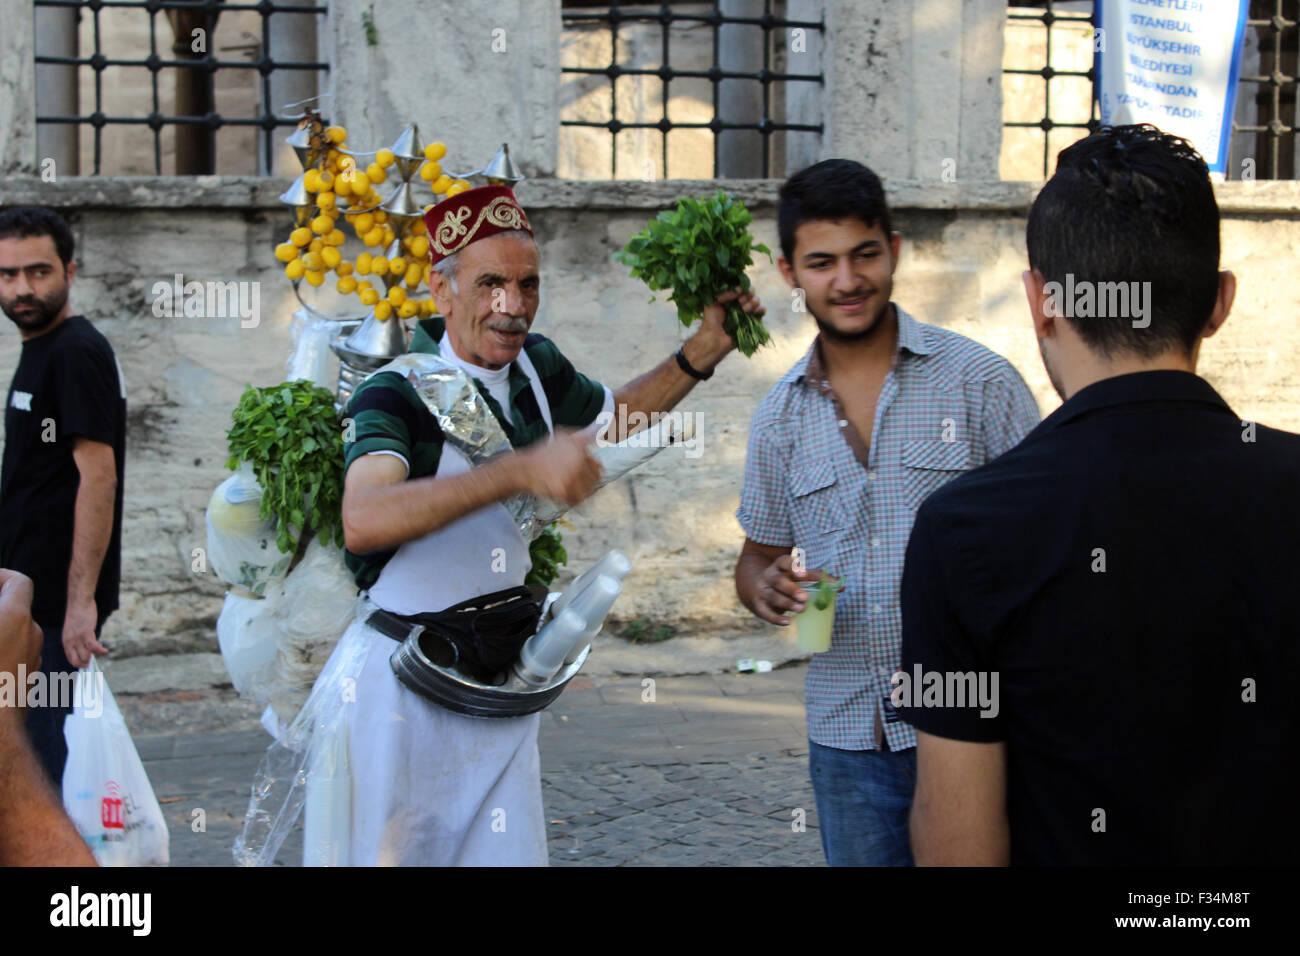 Istanbul, Turchia - 20 Settembre 2015: venditore di limonata pone per la fotocamera in mano con prezzemolo Immagini Stock